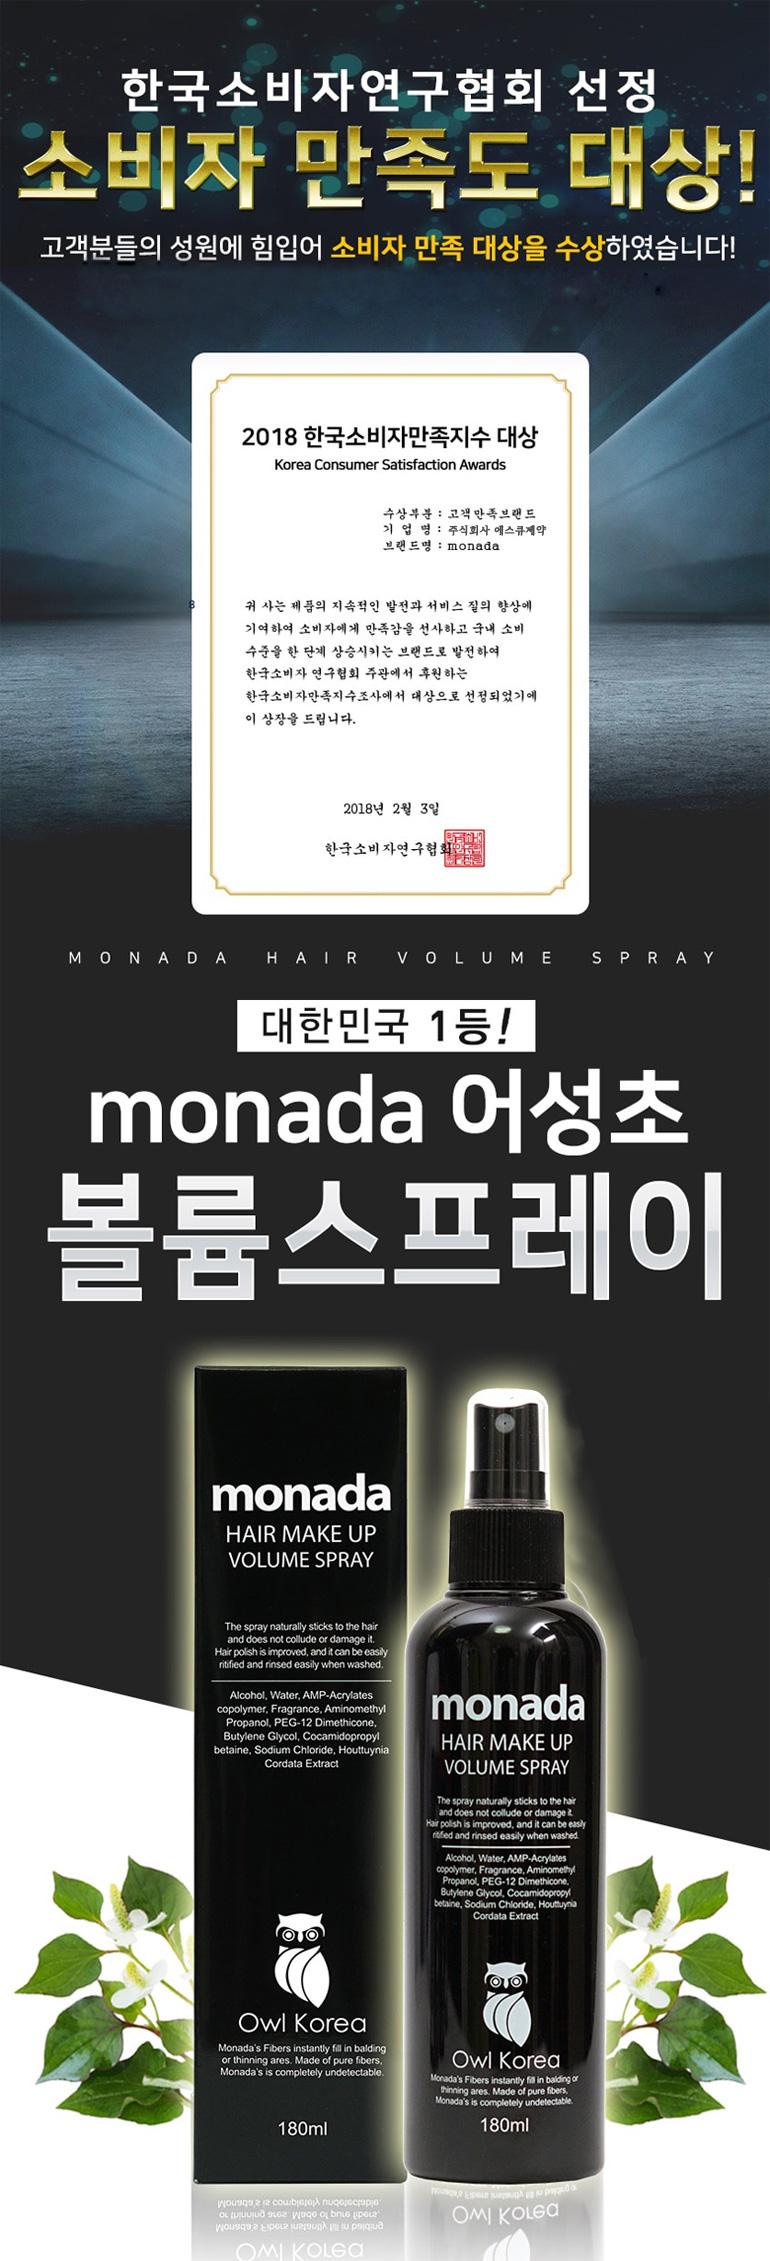 모나다샴푸SET 모나다샴푸300ml+어성초스프레이+탈모흑채 - 에스큐제약, 45,900원, 헤어케어, 샴푸/린스